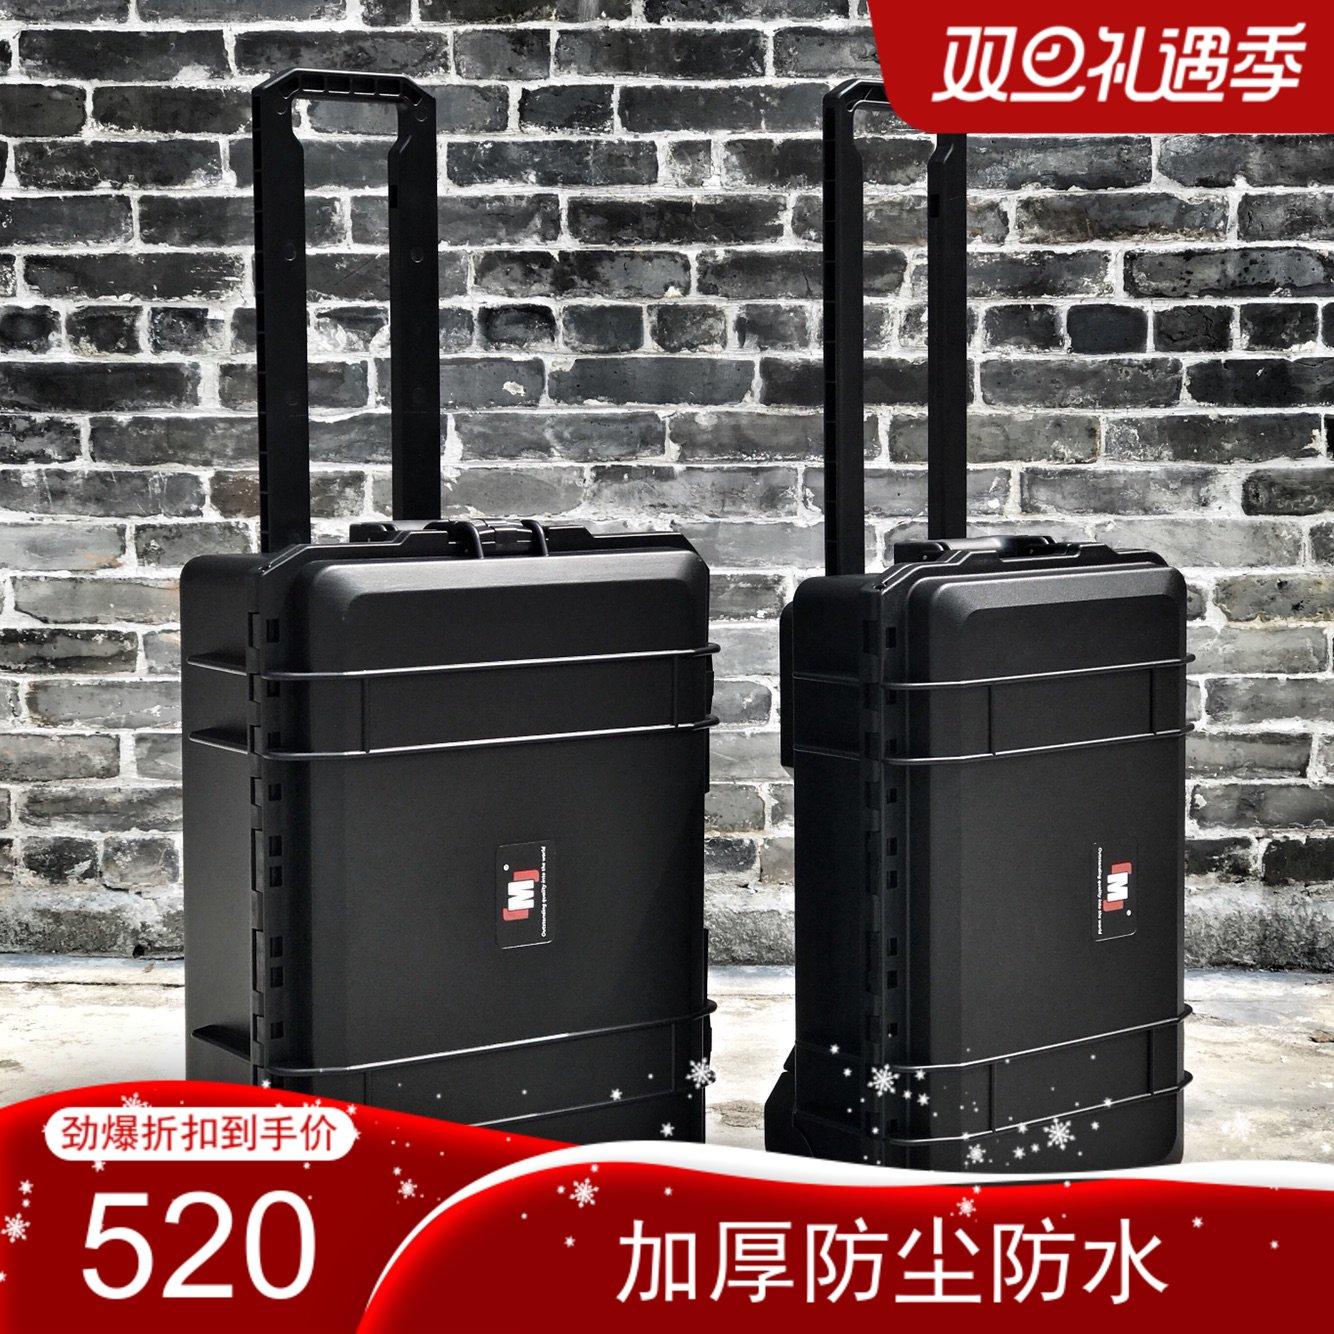 杰迈防震安全收纳单反相机箱子防护数码镜头防潮箱摄影器材行李箱